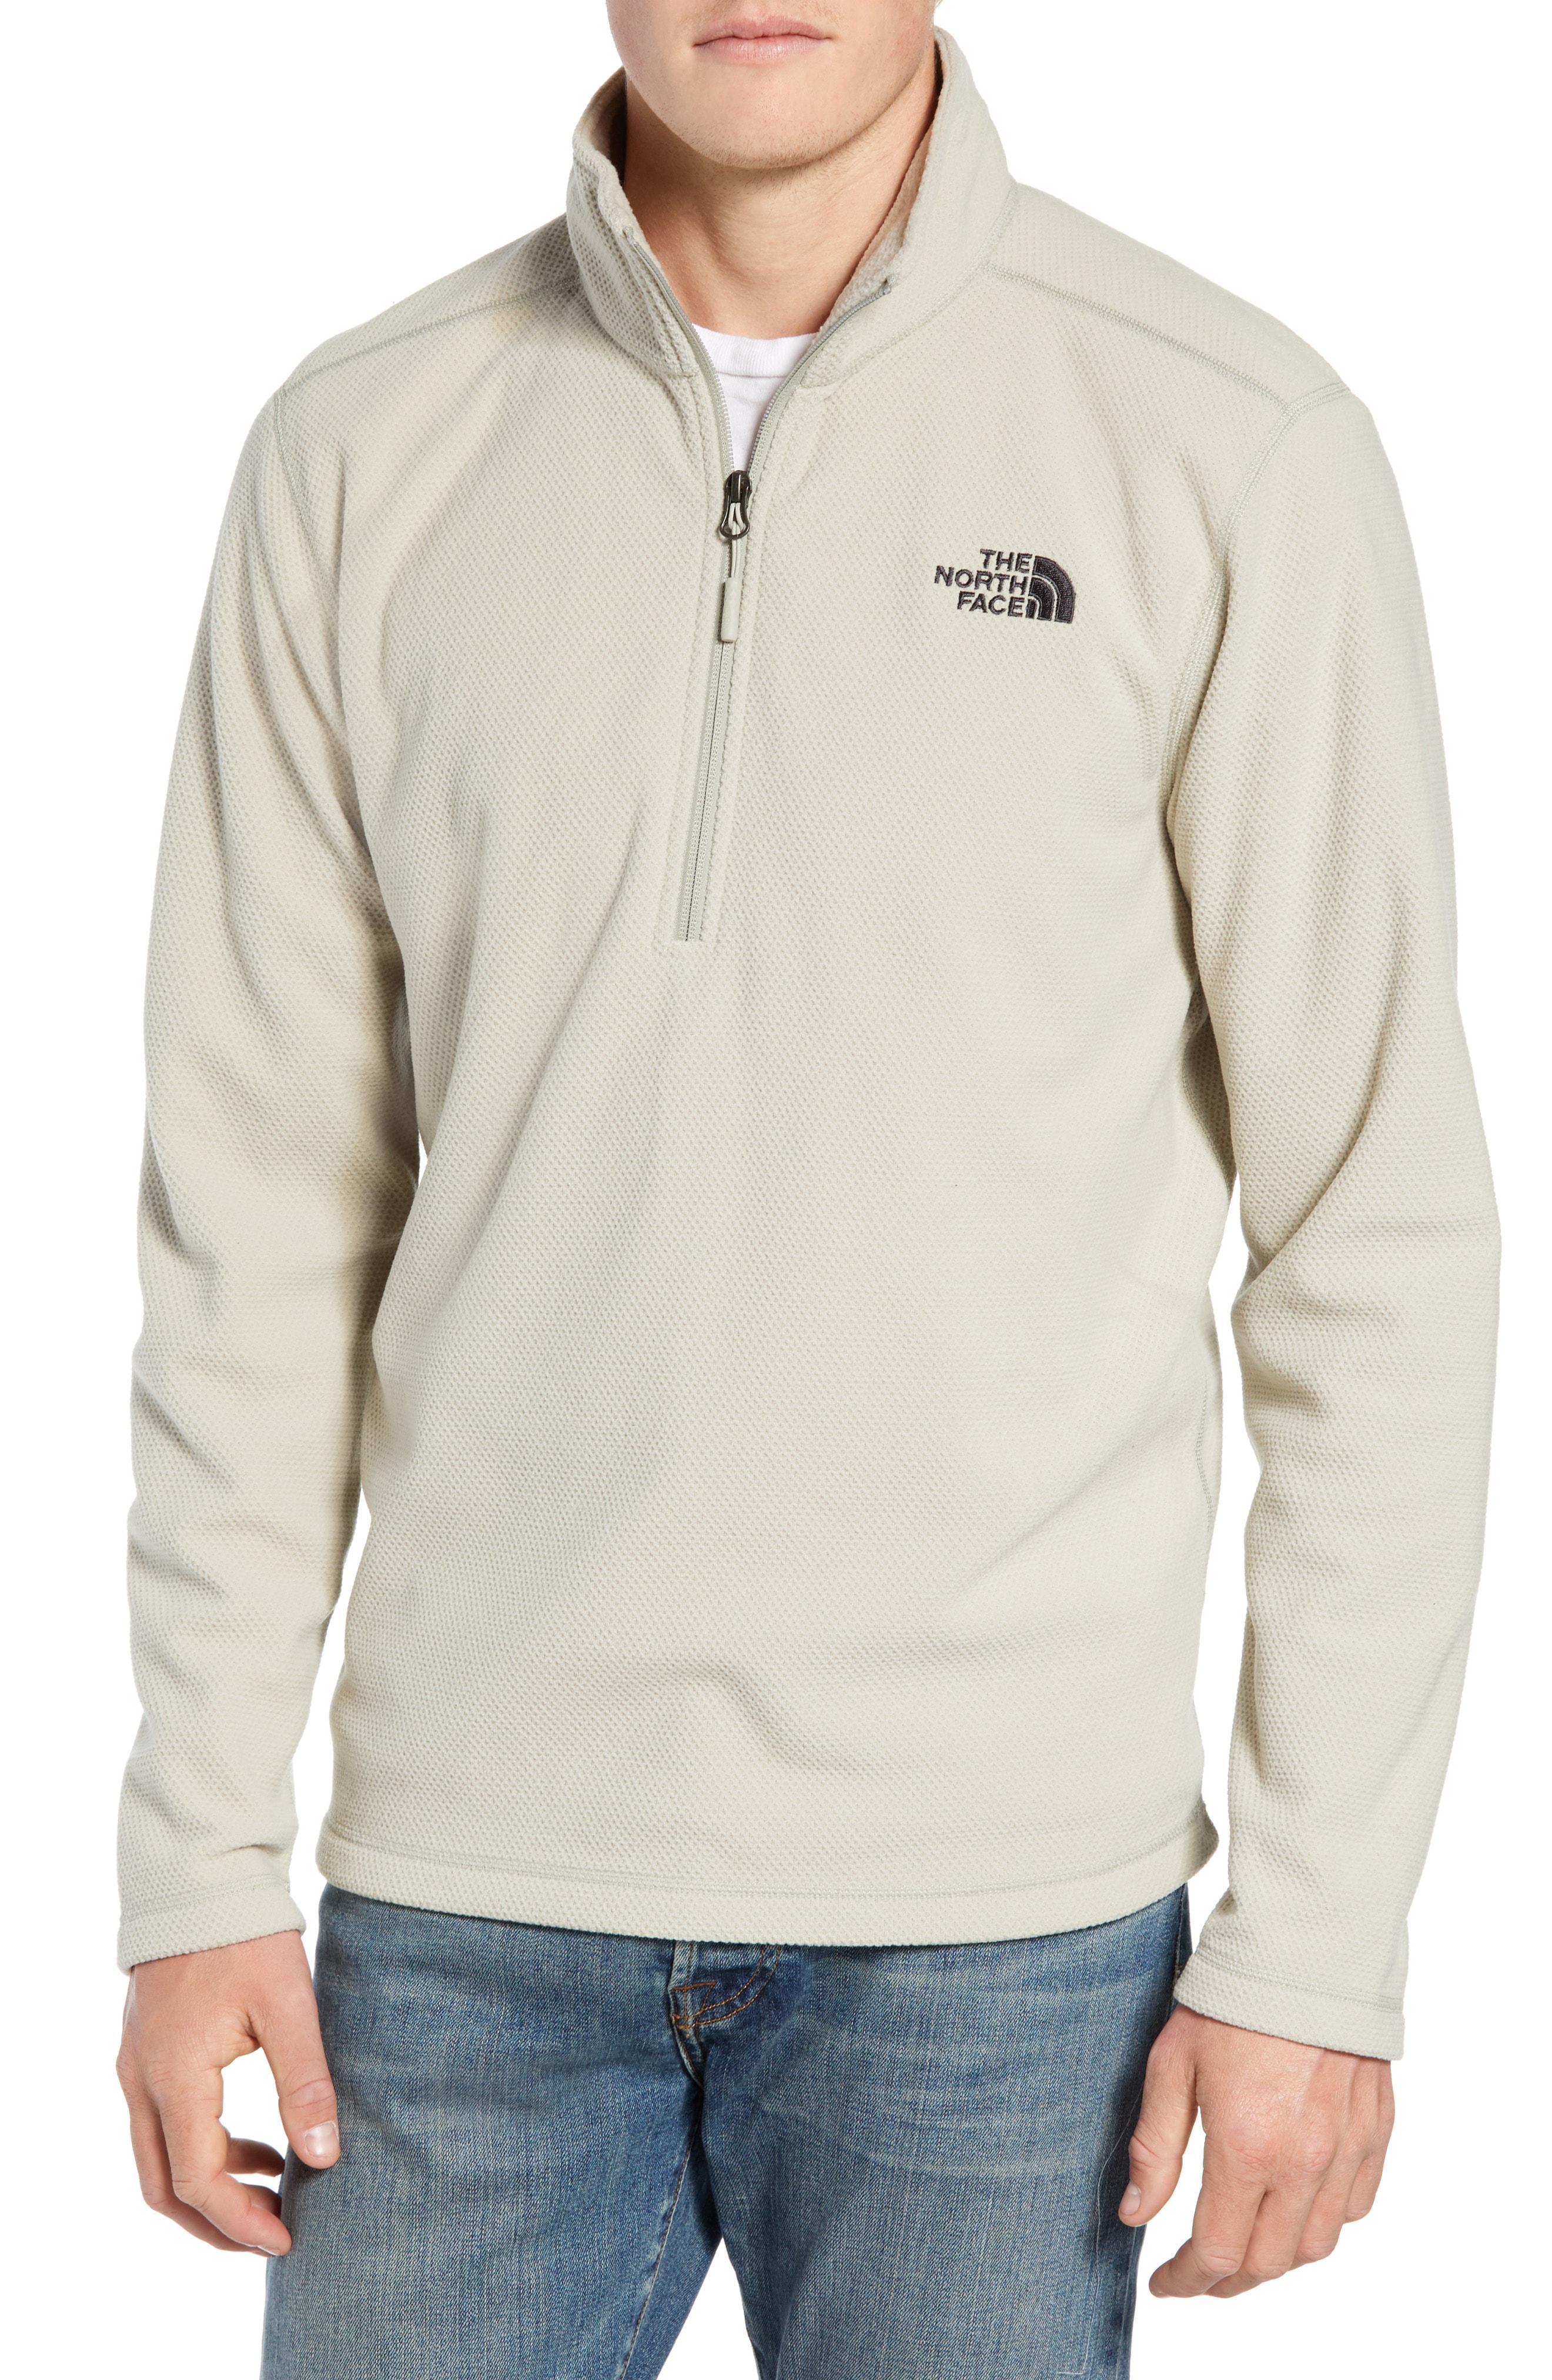 7d67412a5 Texture Cap Rock Quarter Zip Fleece Jacket in Granite Bluff Tan